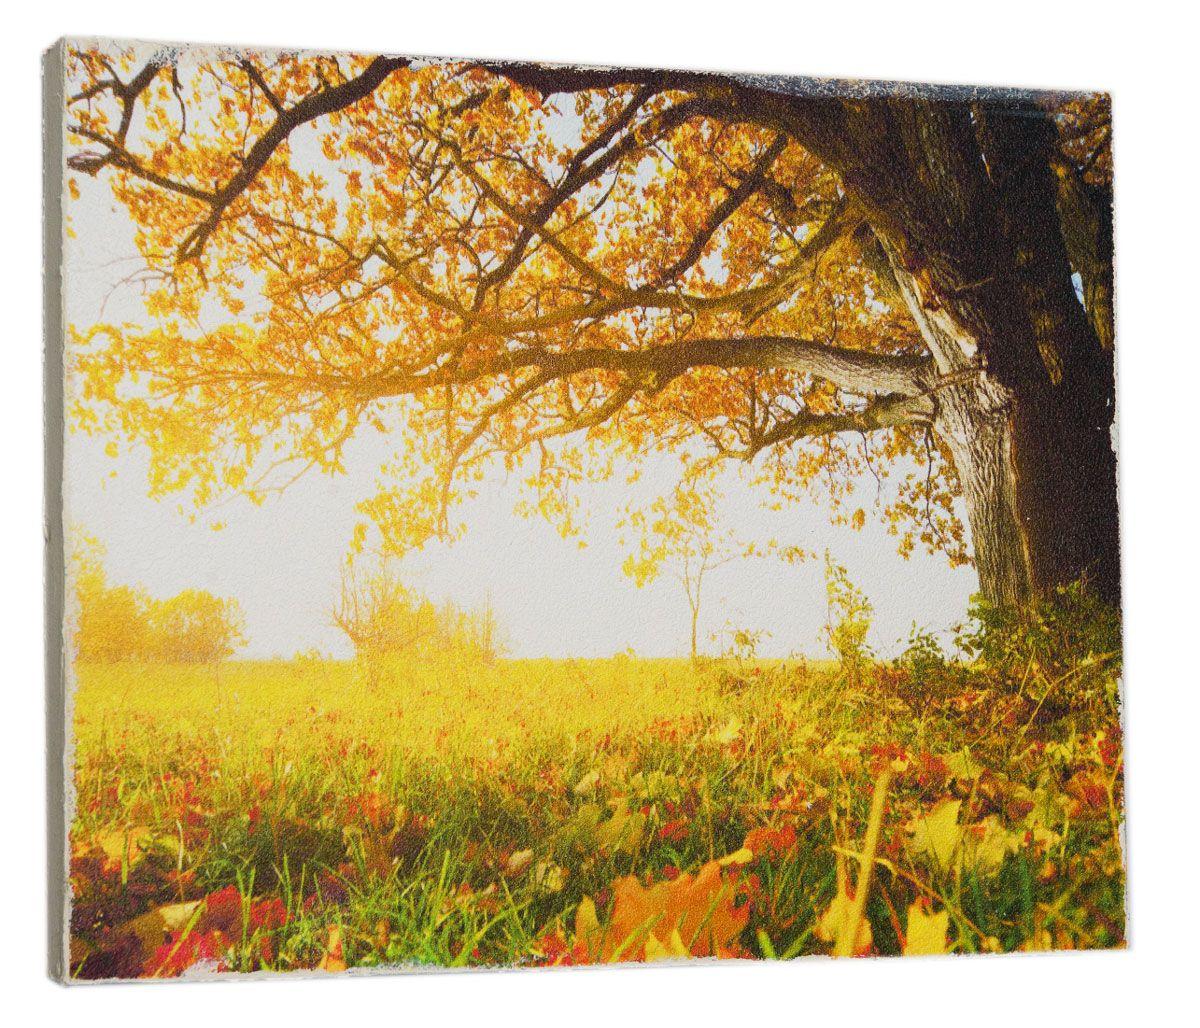 Картина Mister Poster Осеннее опавшее дерево, 32 х 24 см74-0130Картина Mister Poster - это высококачественная репродукция на деревянной раме. Лицевая поверхность имитирует штукатурку или натуральный холст, края окрашены вручную специальным декоративным составом.Современные технологии, уникальное оборудование и оригинальные чернила, используемые при изготовлении, делают постер устойчивым к выцветанию, а также гарантируют стойкость к воздействию негативных внешних факторов. Интерьер дома и офиса, в котором находится человек, в значительной степени влияет на его настроение и работоспособность. Правильное оформление интерьера создает благоприятный психологический климат, улучшает настроение и мотивирует. Добавьте «красок» в ваш интерьер и, возможно, в вашу жизнь.